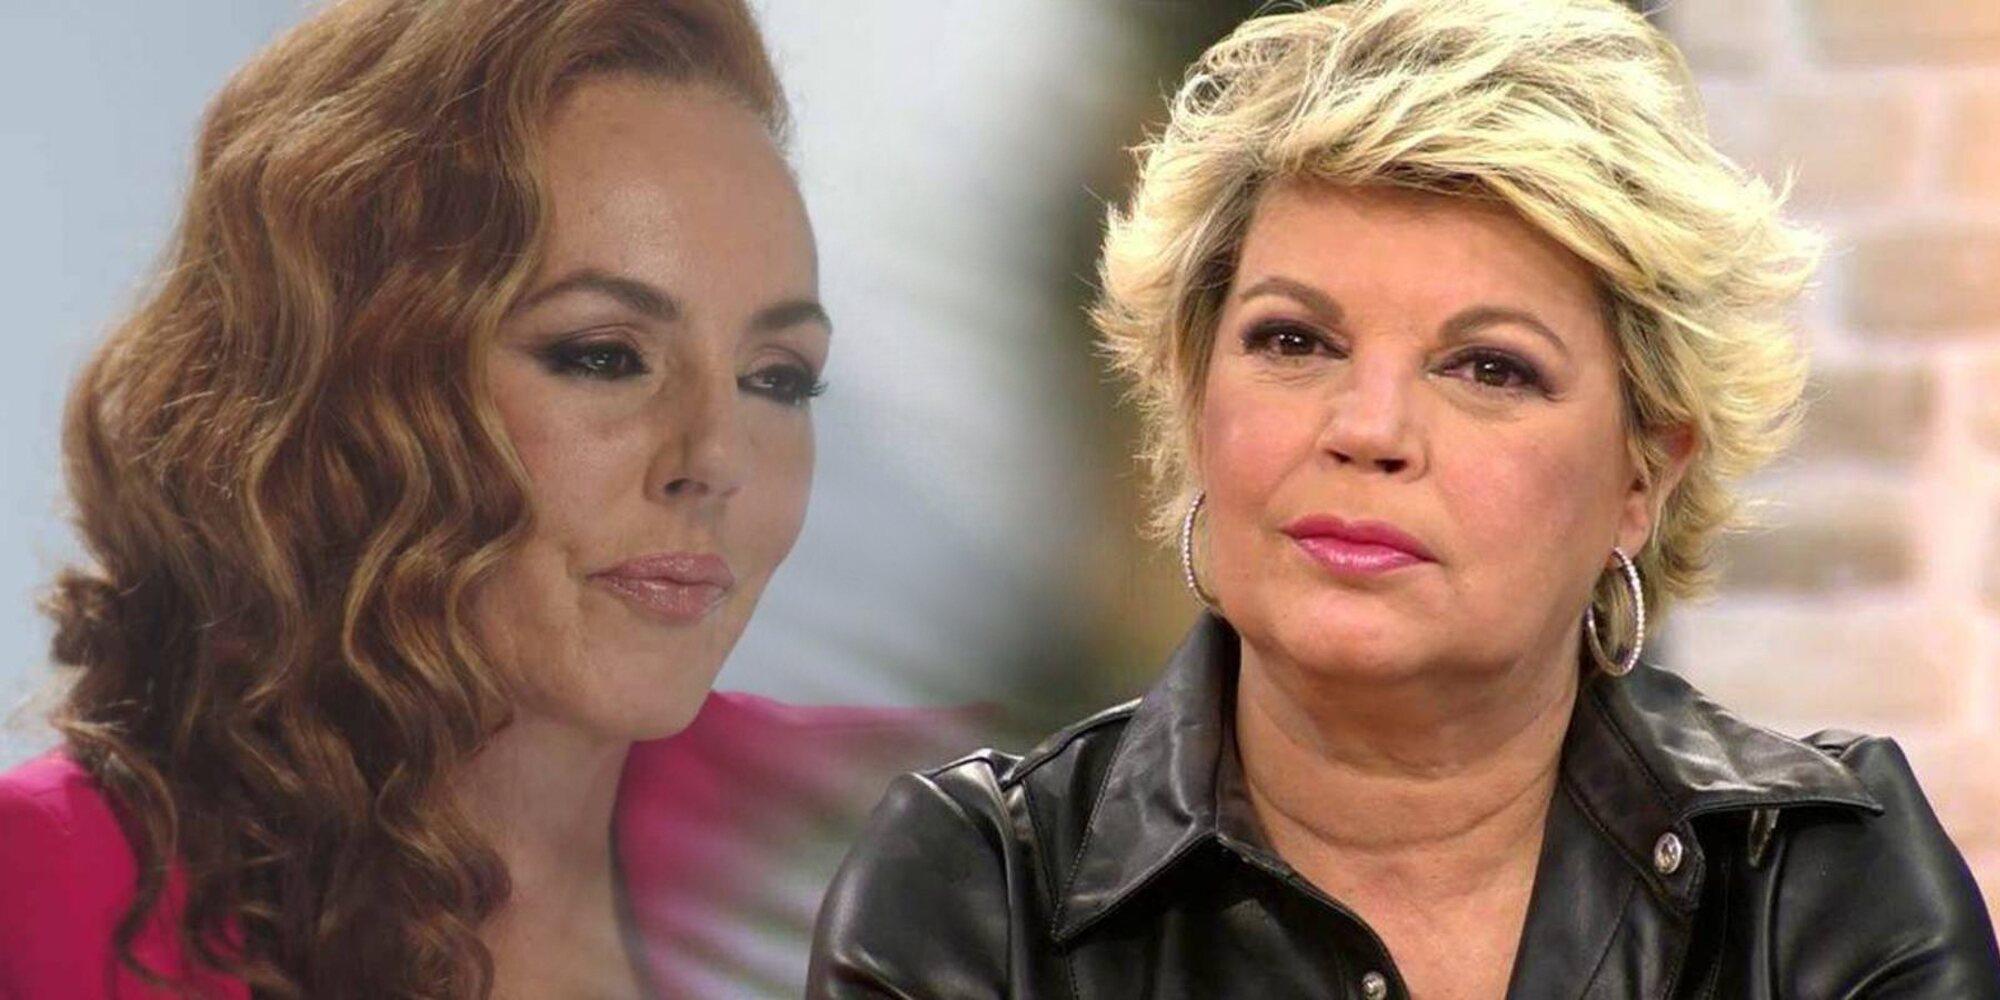 """Terelu Campos: """"Deseo con todas mis fuerzas que Rocío Carrasco cuente por qué tuvo que alejarse su familia"""""""